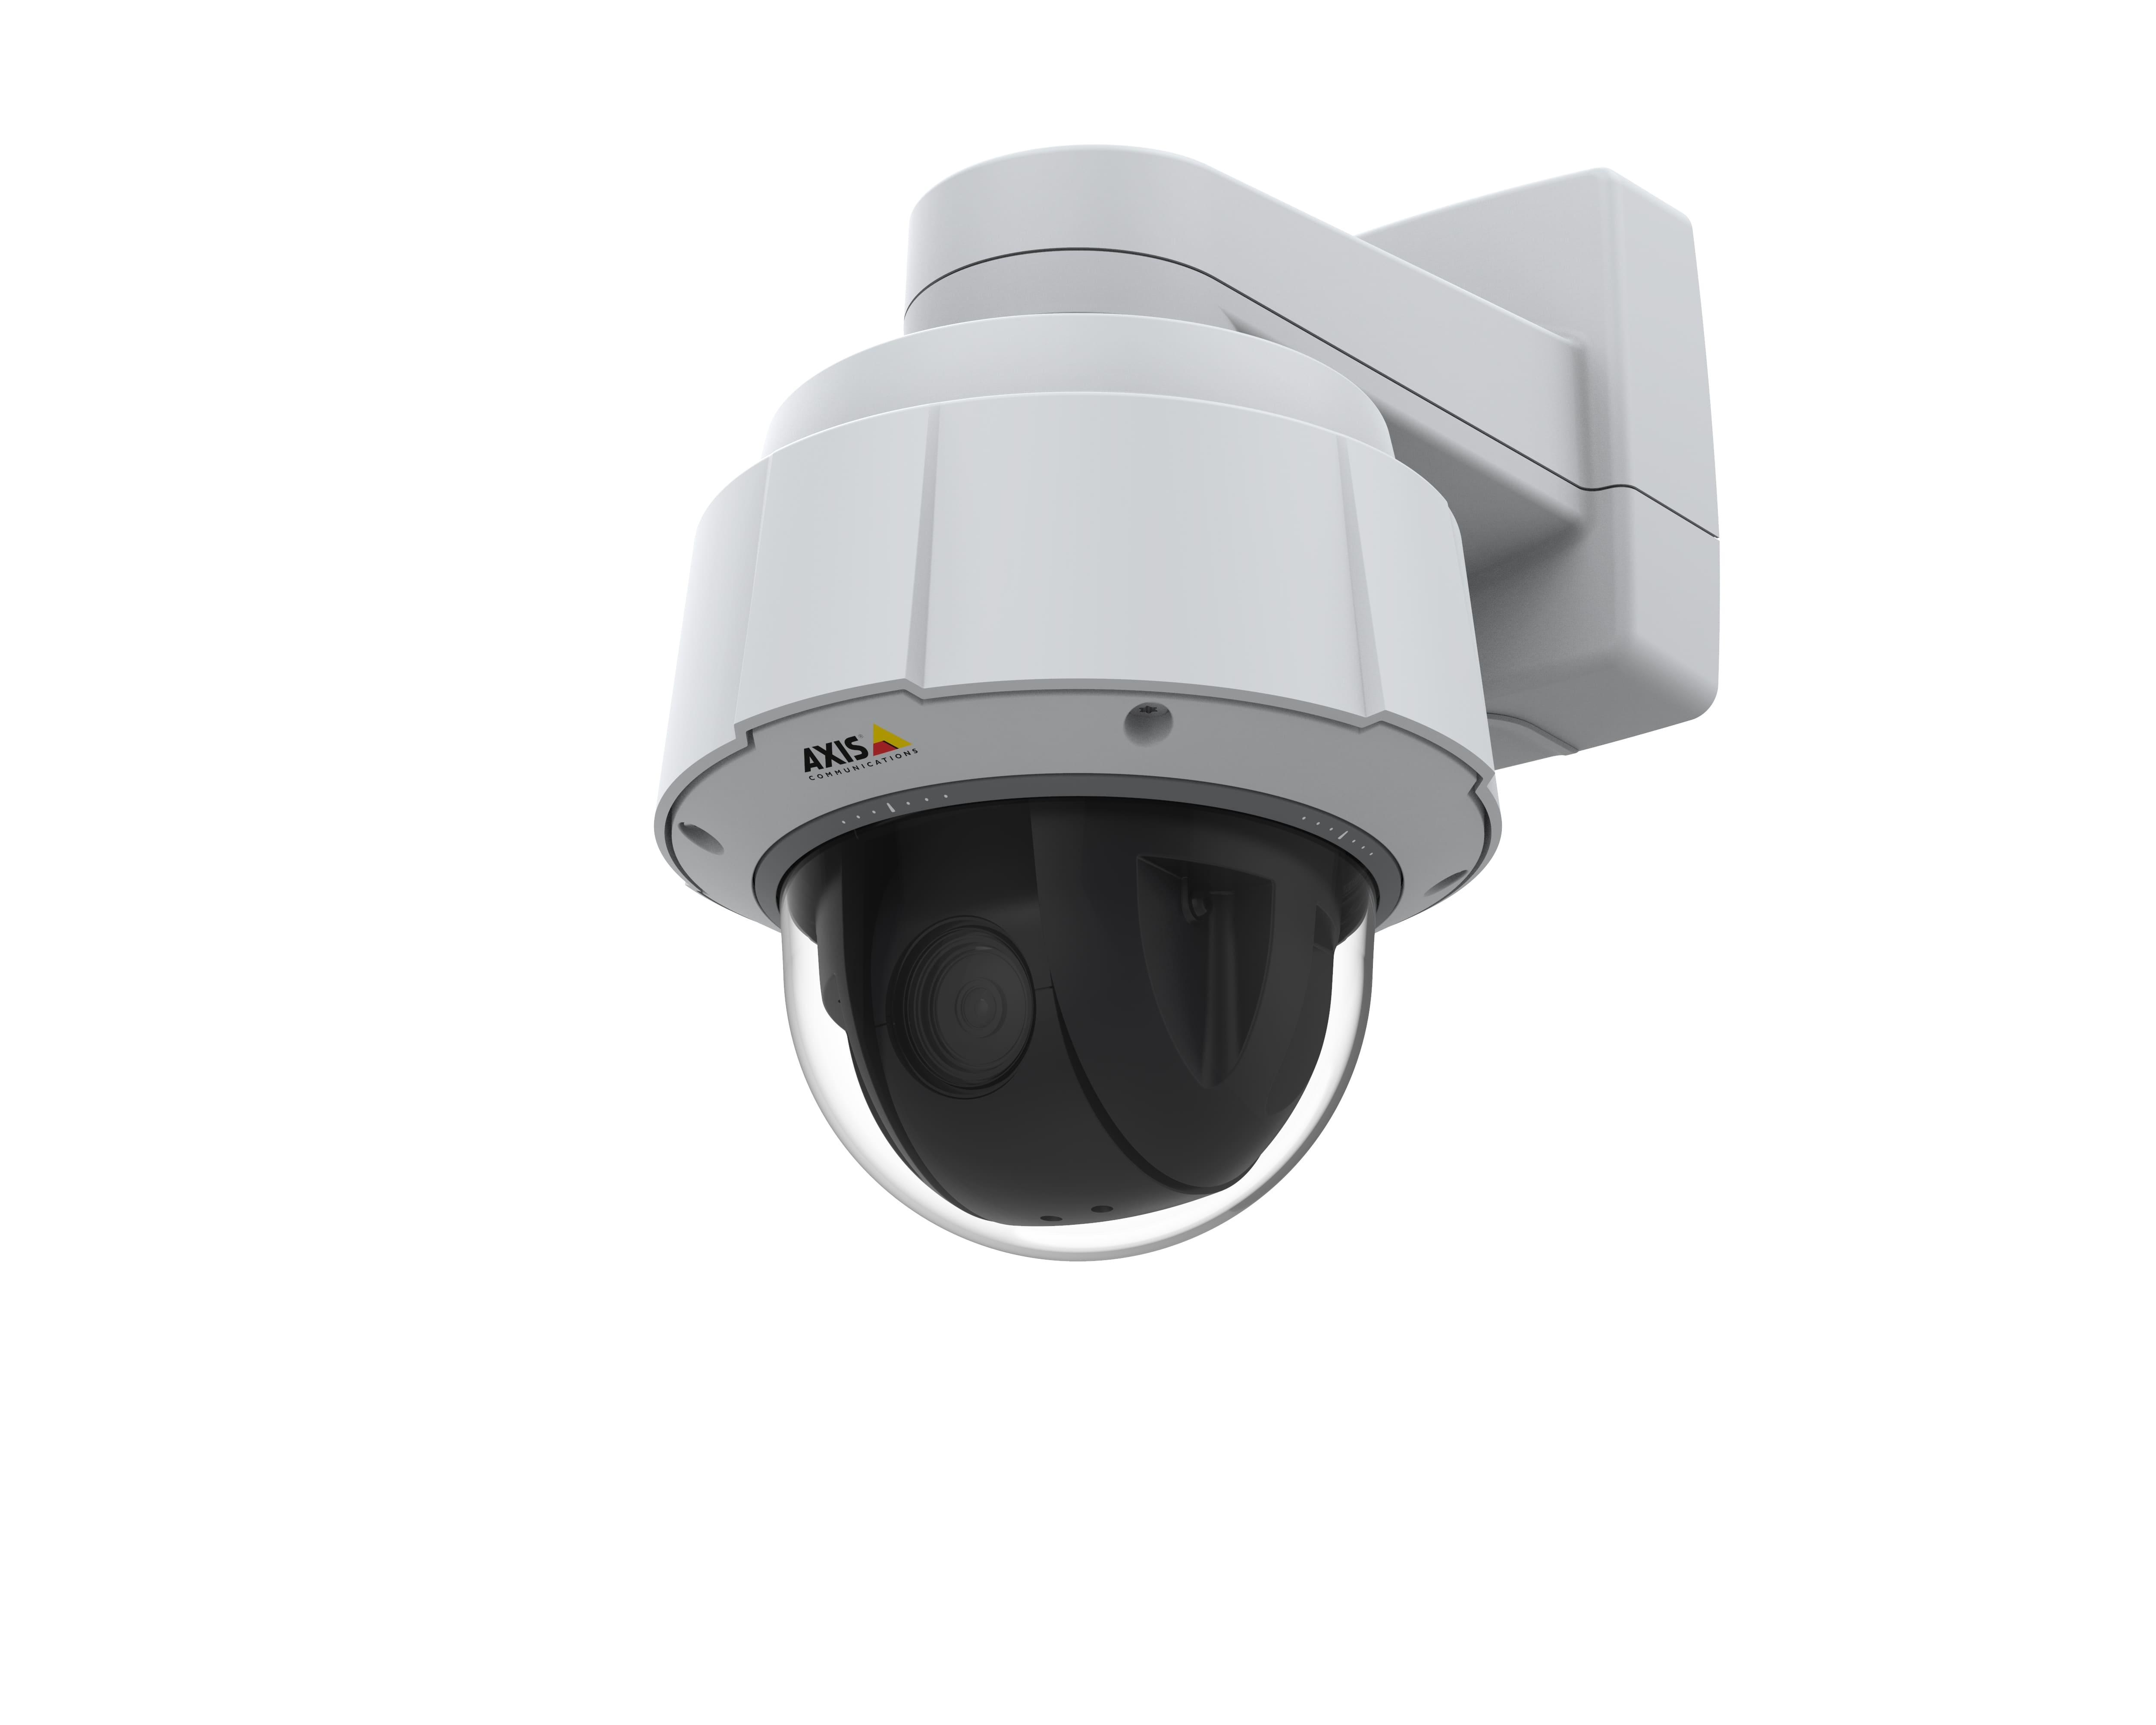 Axis Communications представила PTZ-камеры нового поколения Q6075 и Q6075-E с 40-кратным оптическим зумом